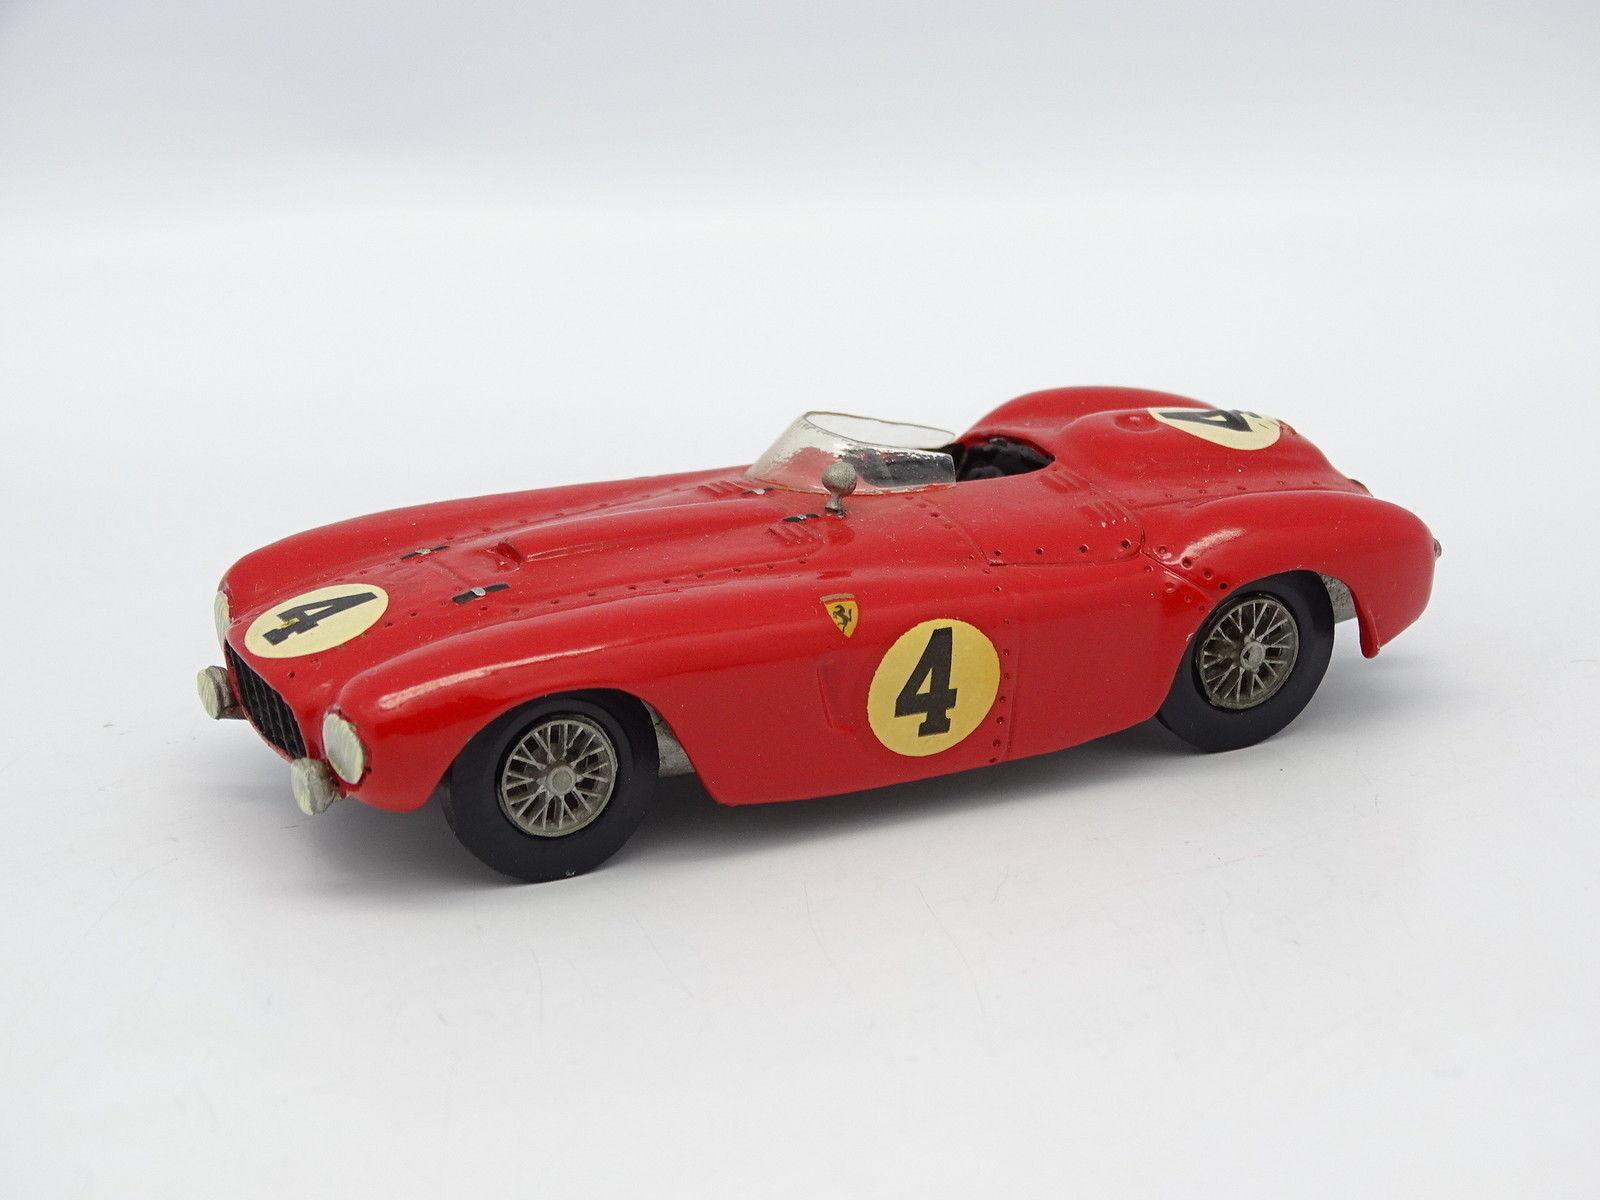 online barato John Day Kit Montado Metal 1 43 43 43 - Ferrari 375 Plus Le Mans 1954  Los mejores precios y los estilos más frescos.